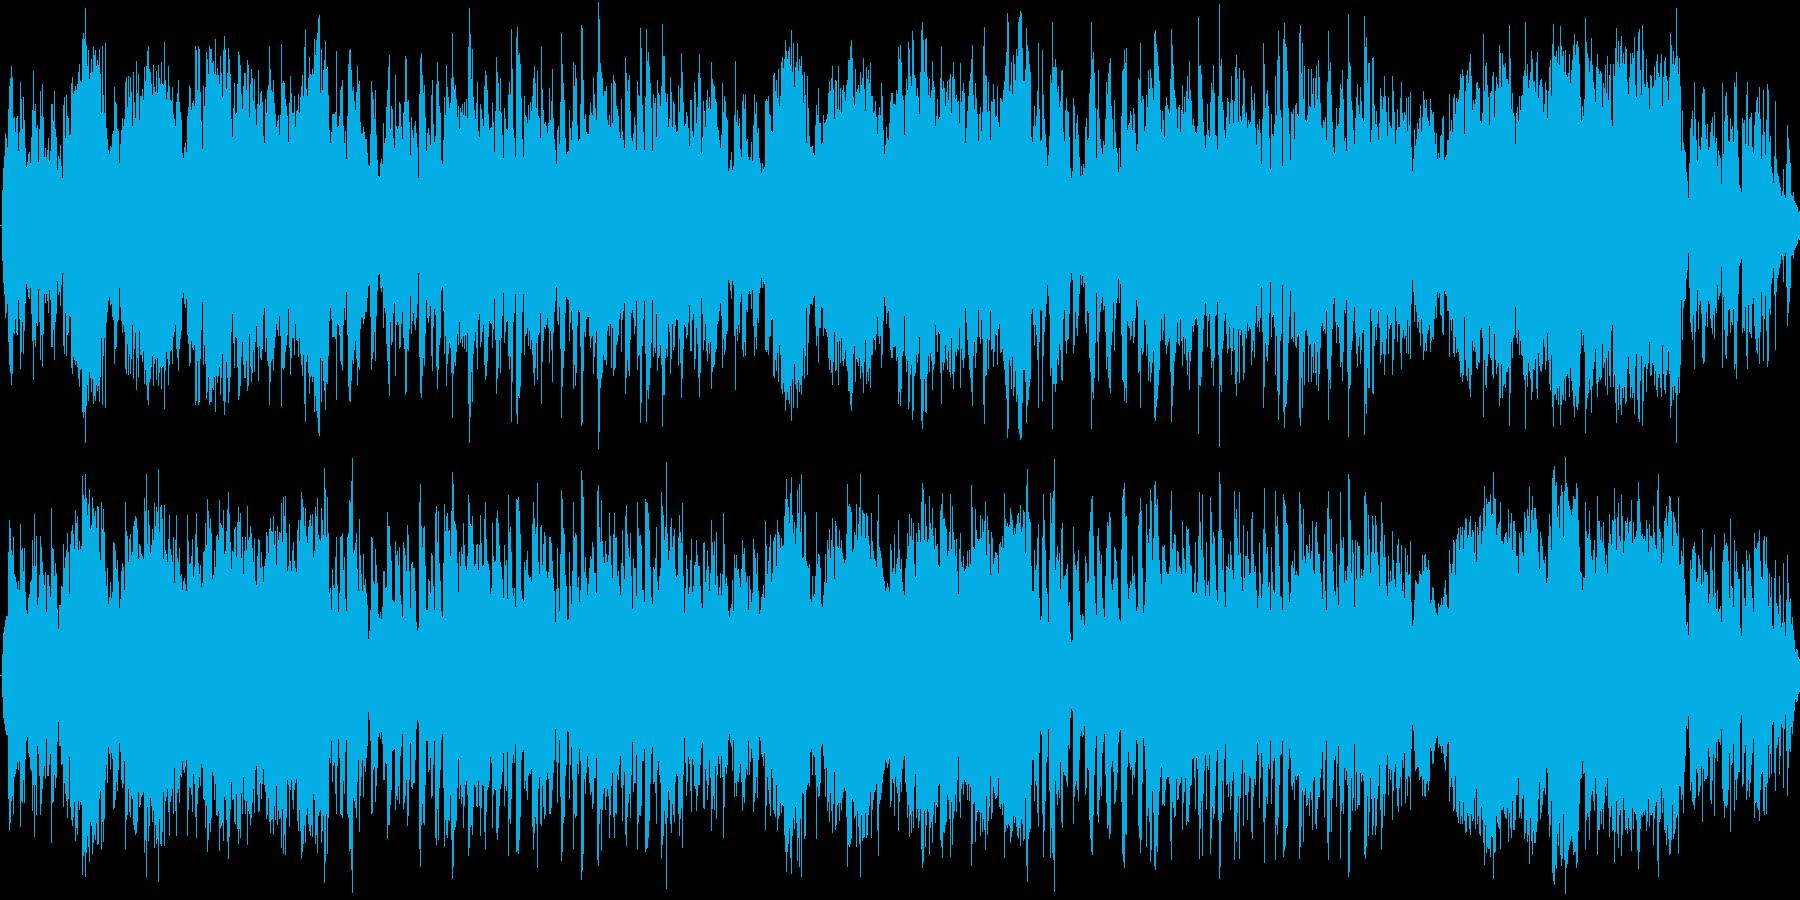 戦闘・バトル向けオーケストラの再生済みの波形